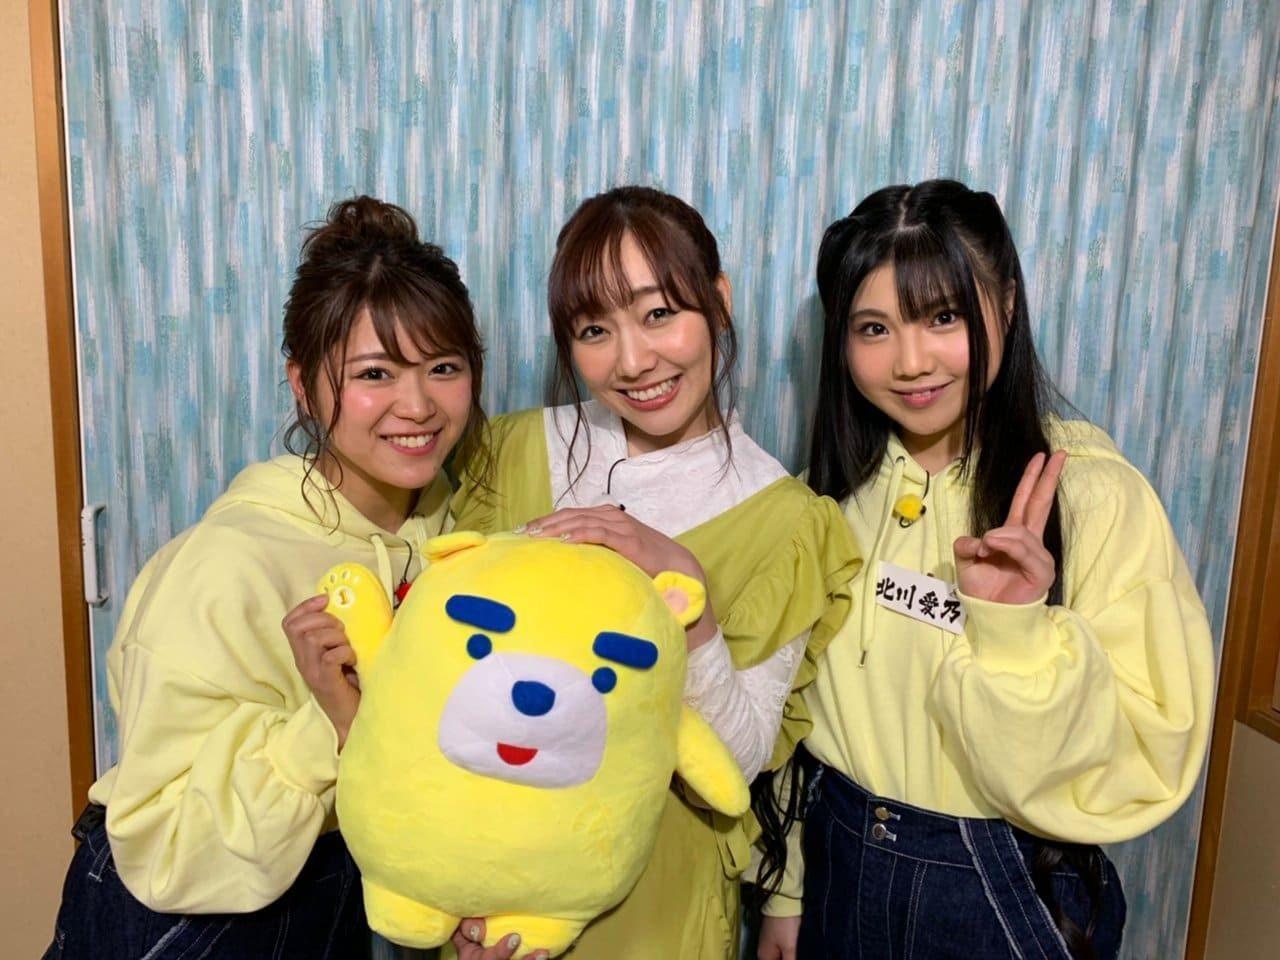 マイクロドローンでバズらせたい! 東海テレビ「SKE48のバズらせます!!」 [4/23 24:45~]